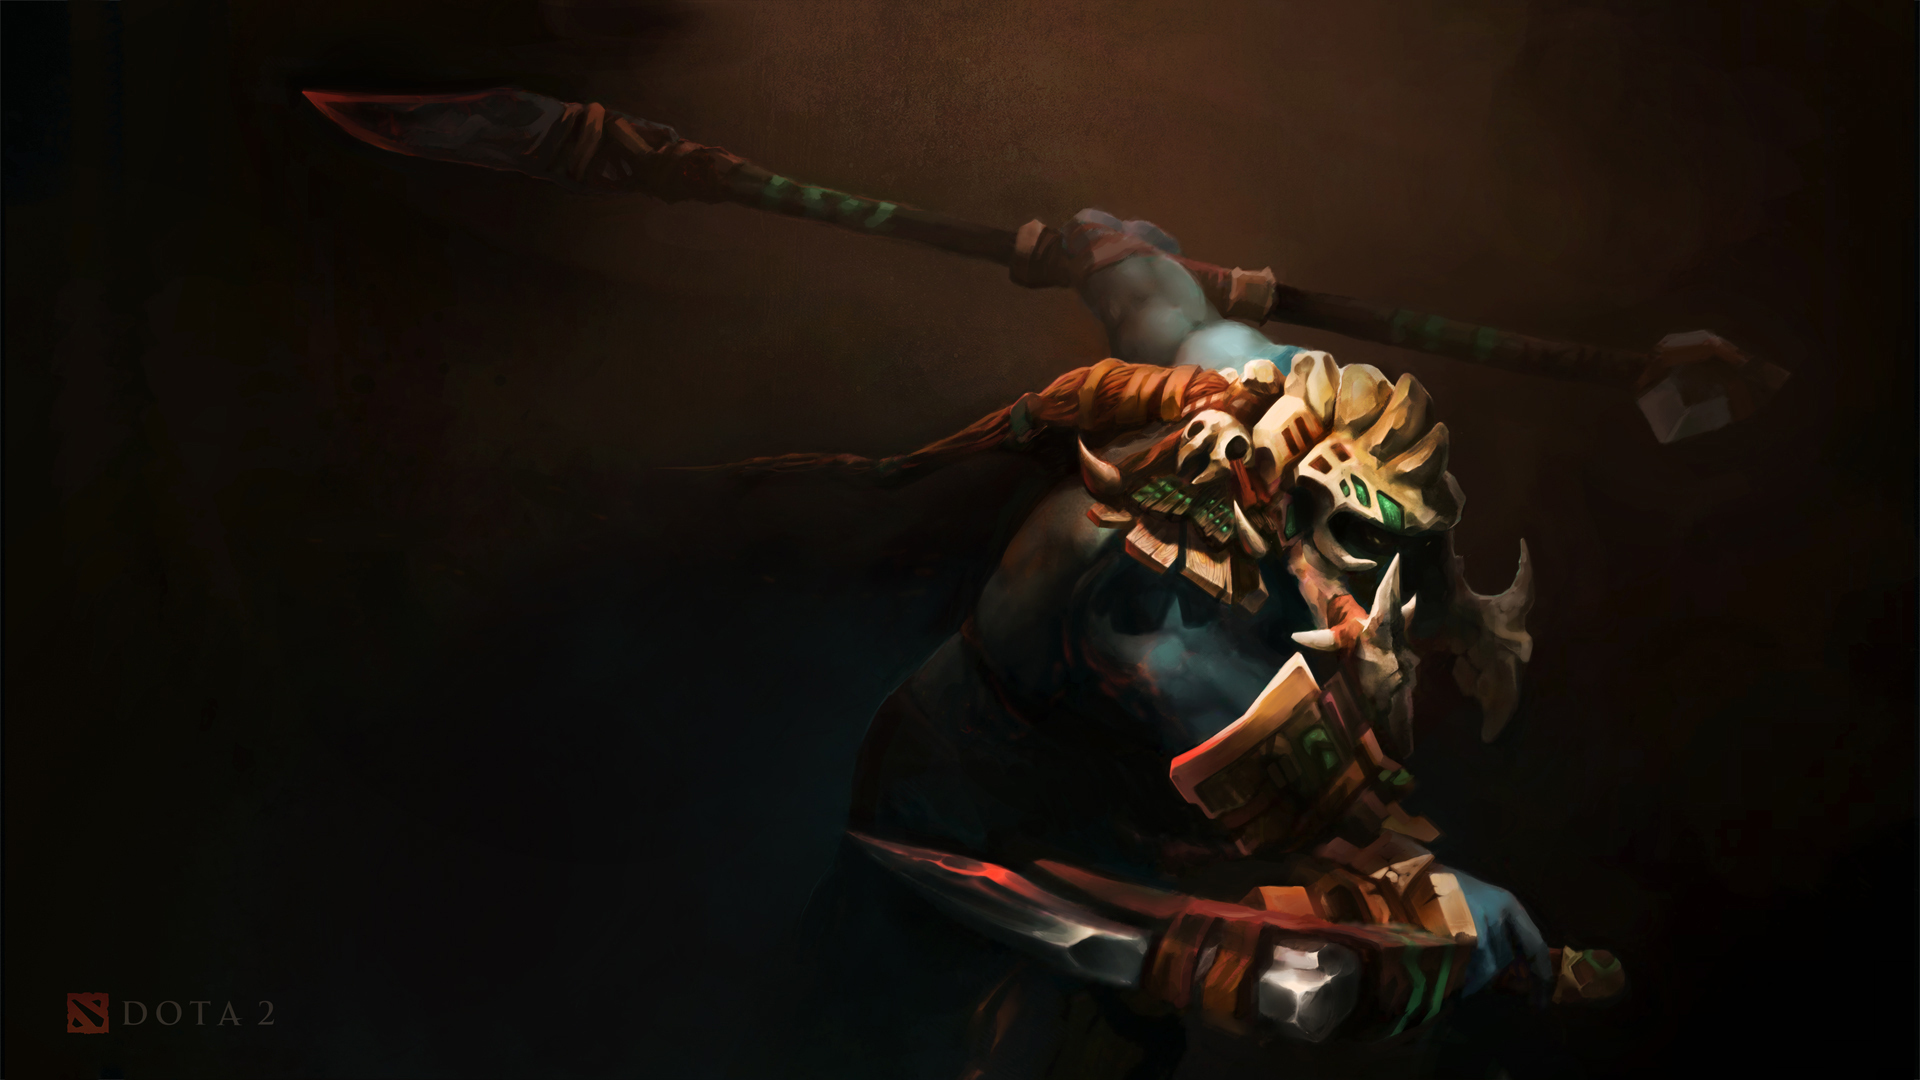 DOTA 2 Warrior Huskar Games Fantasy wallpaper 1920x1080 147149 1920x1080